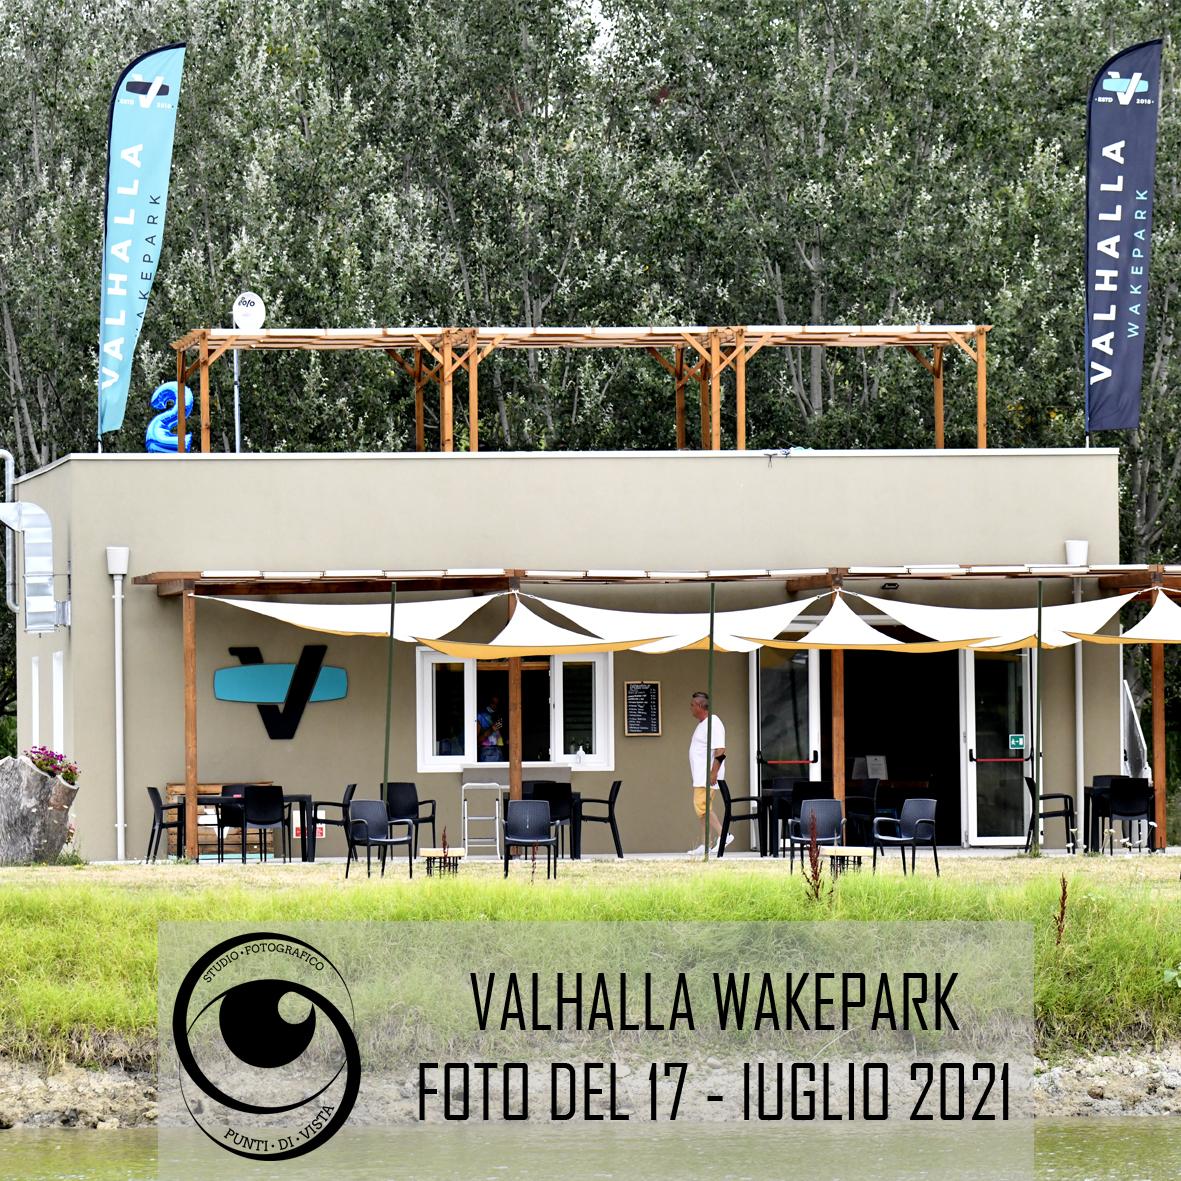 Valhalla Wakepark